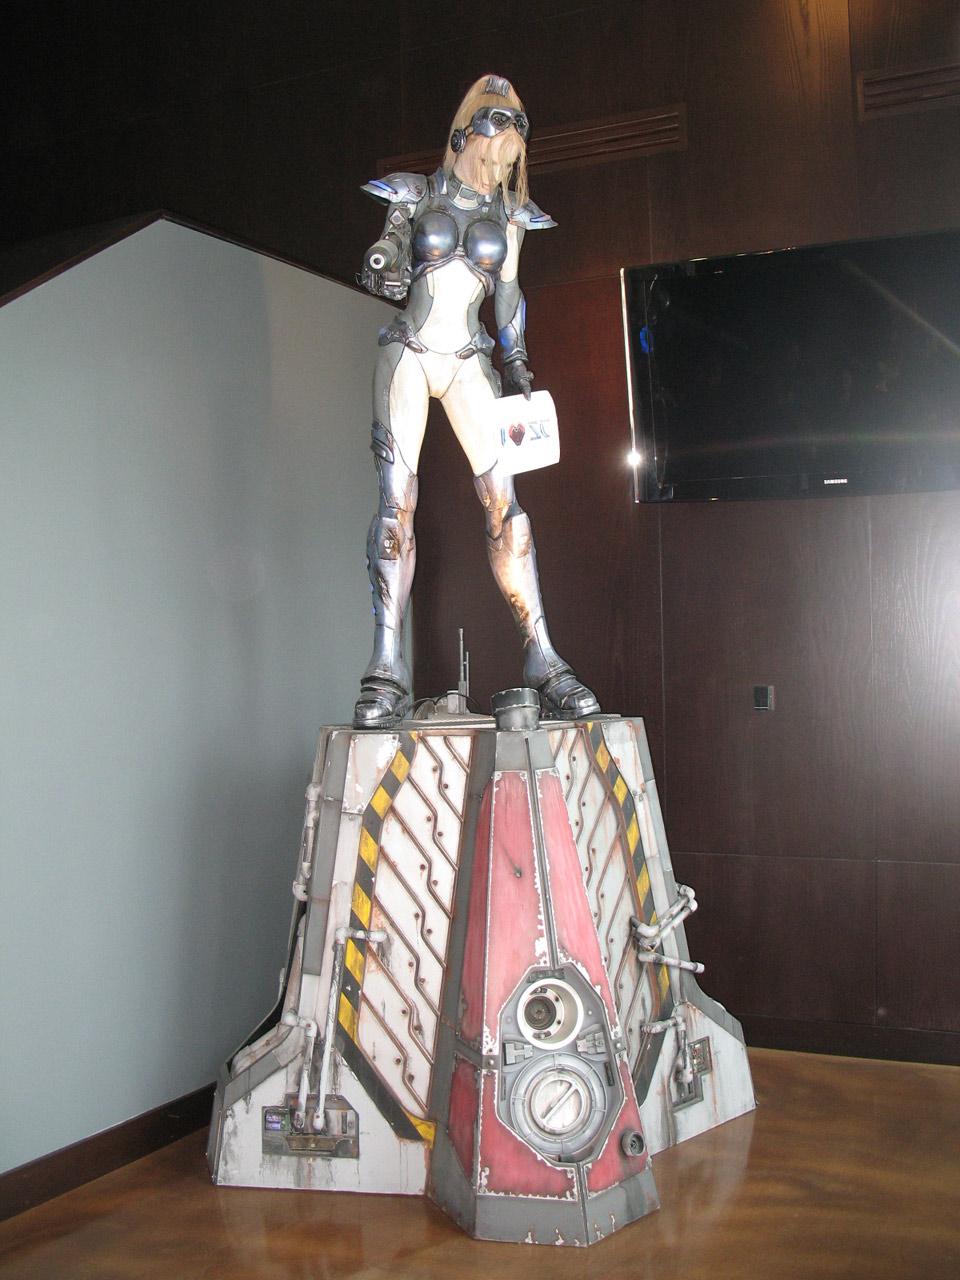 Statue de Nova (StarCraft Ghost) présente dans le hall d'entrée de Blizzard à Irvine.